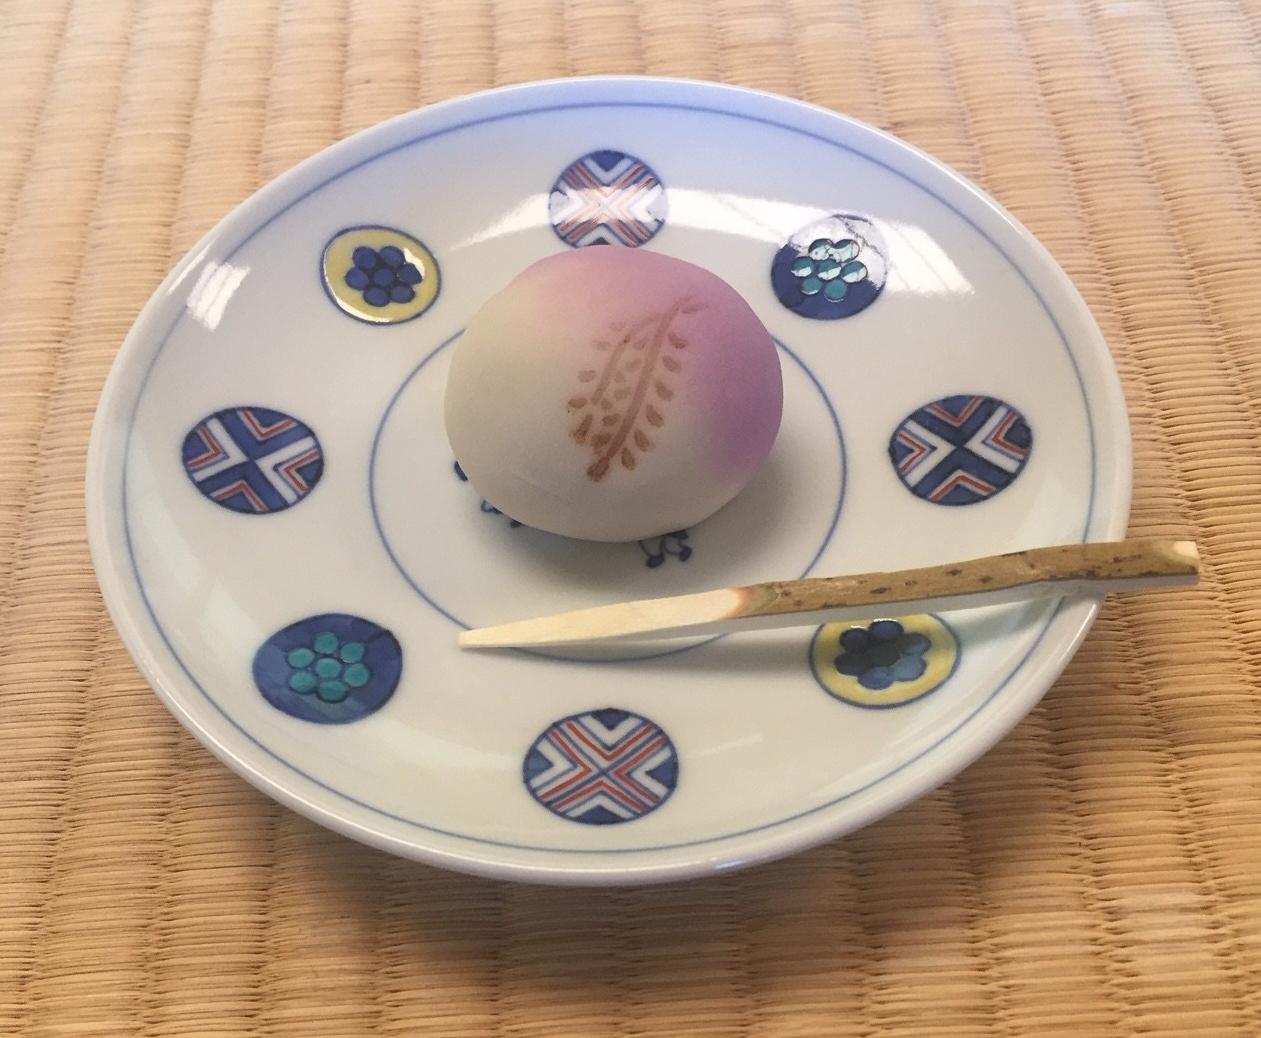 Tea ceremony sweet